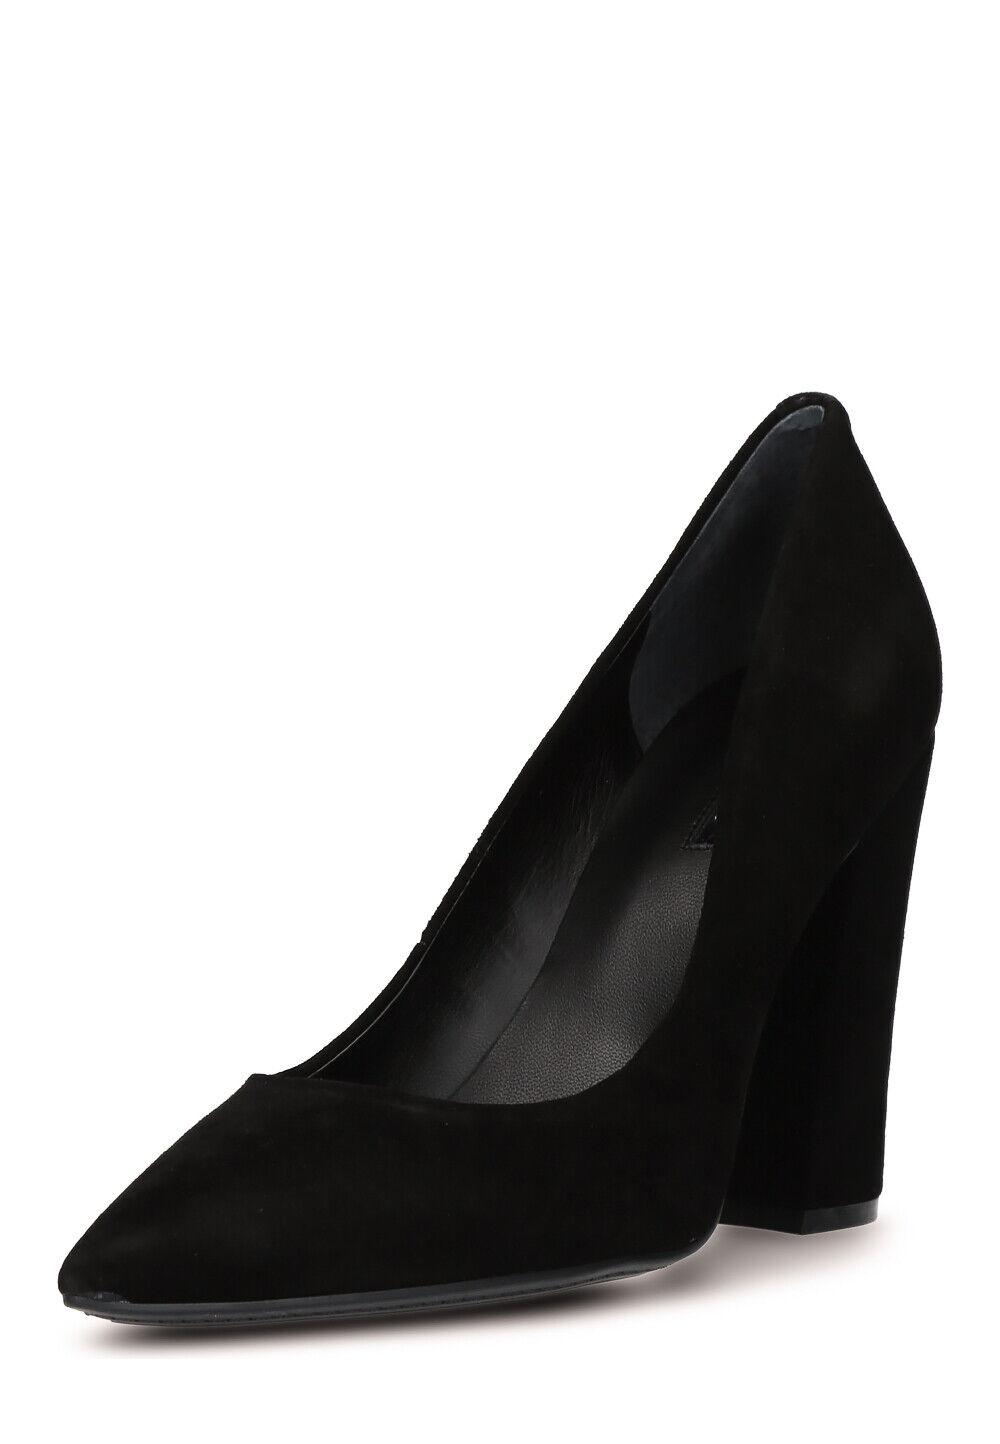 GUESS Damen Pumps Ridley Leder Absatz 10 cm schwarz Größe 36